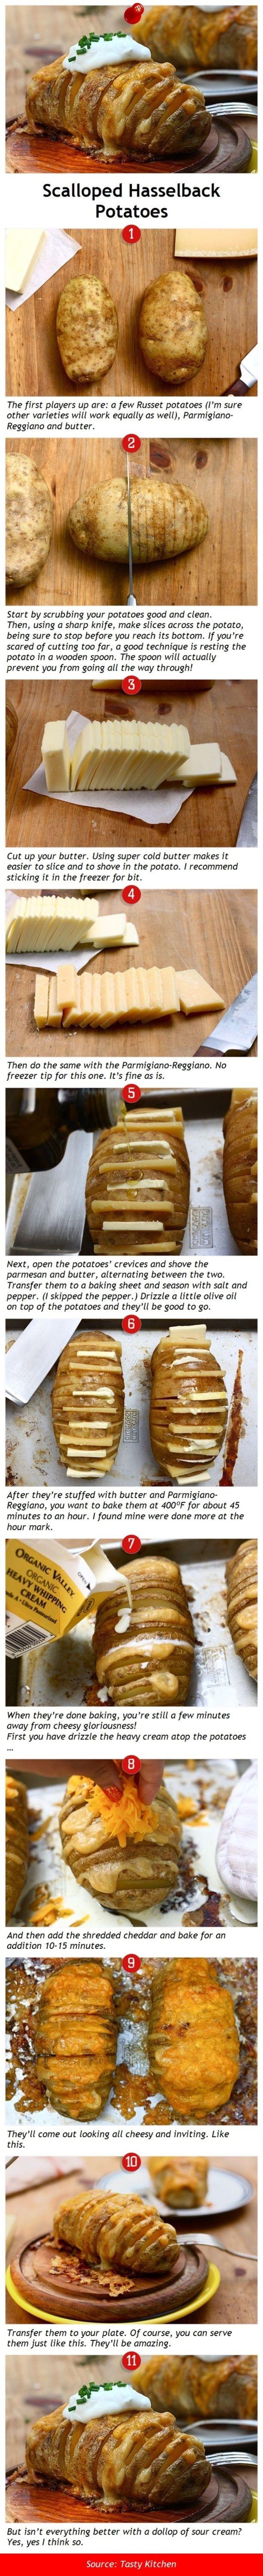 aardappel met kaas uit de oven met lekkkkerrrrrrrr veeeeeeel kaaaaaaassssssssss